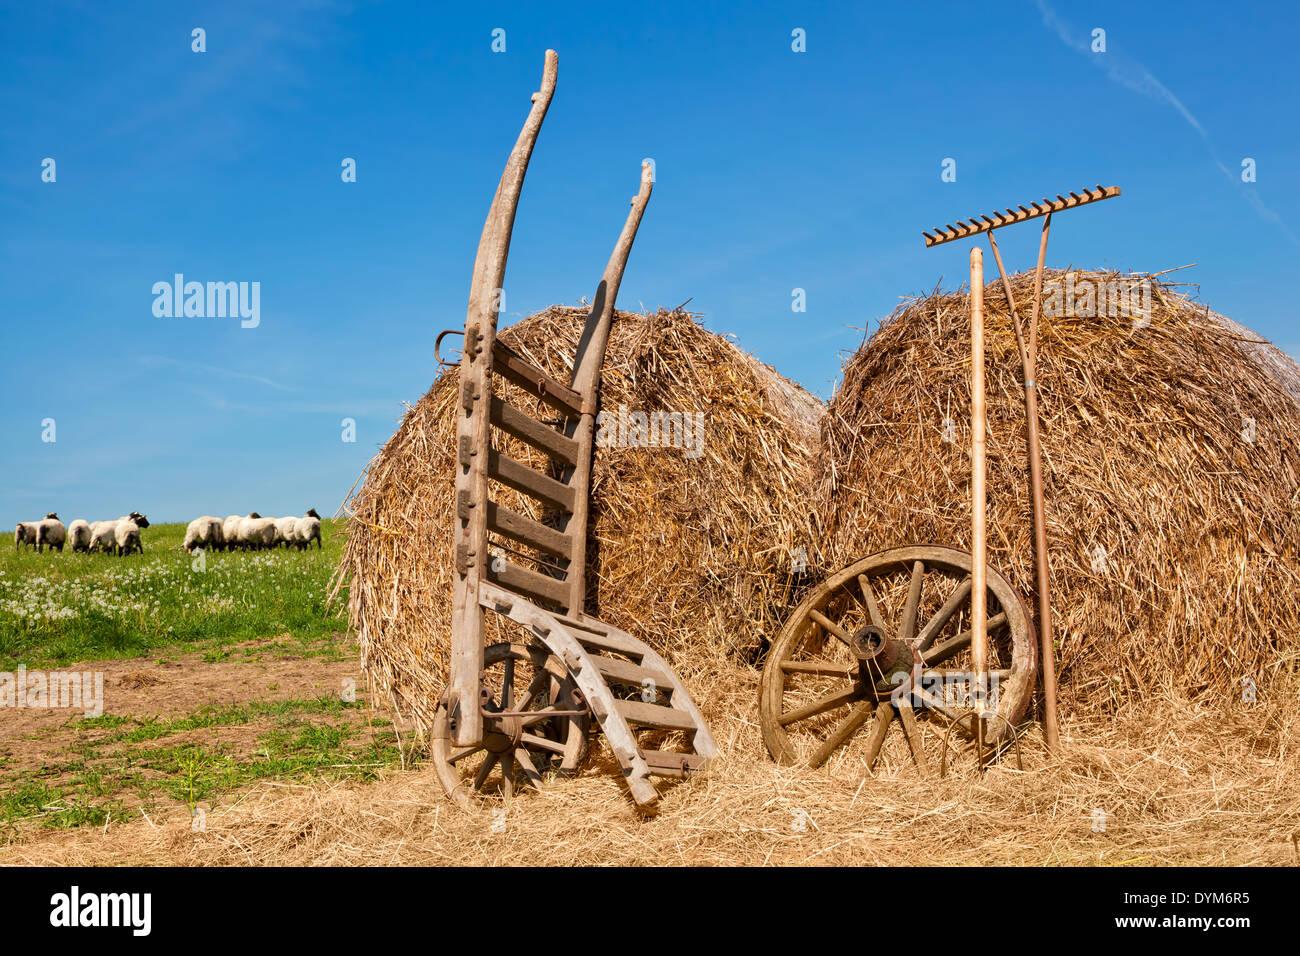 Antique Wooden Wheelbarrow Stock Photos & Antique Wooden Wheelbarrow